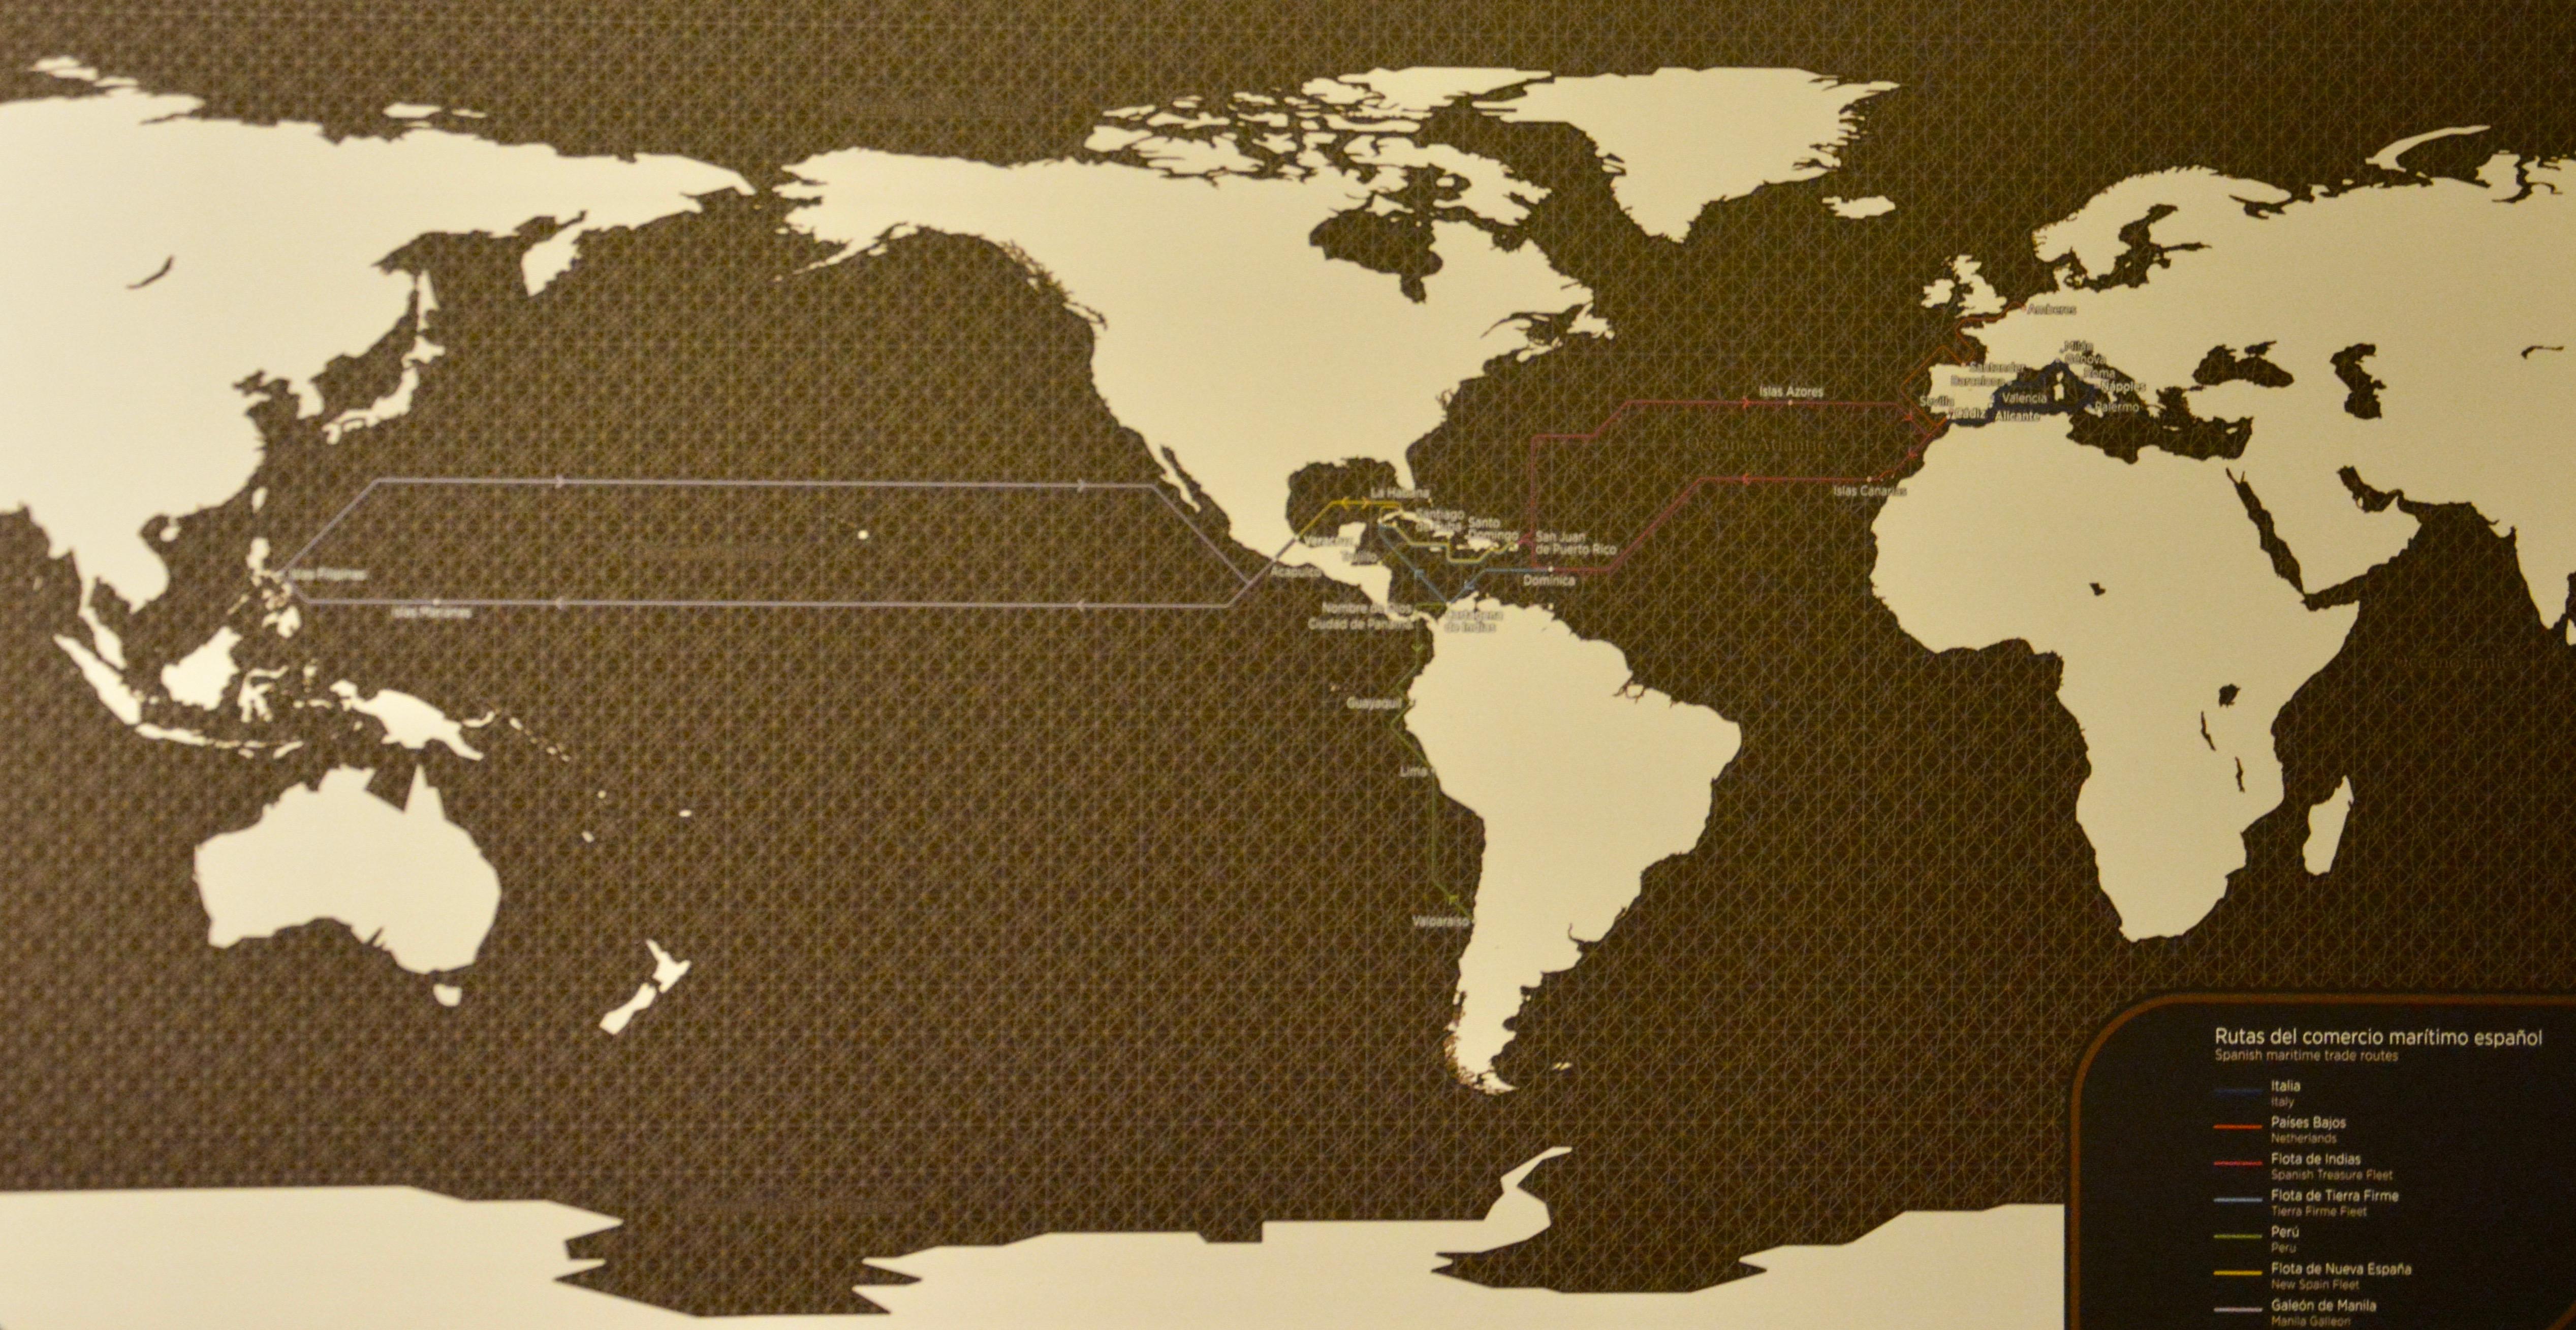 Rutas marítimas comerciales periodo colonial